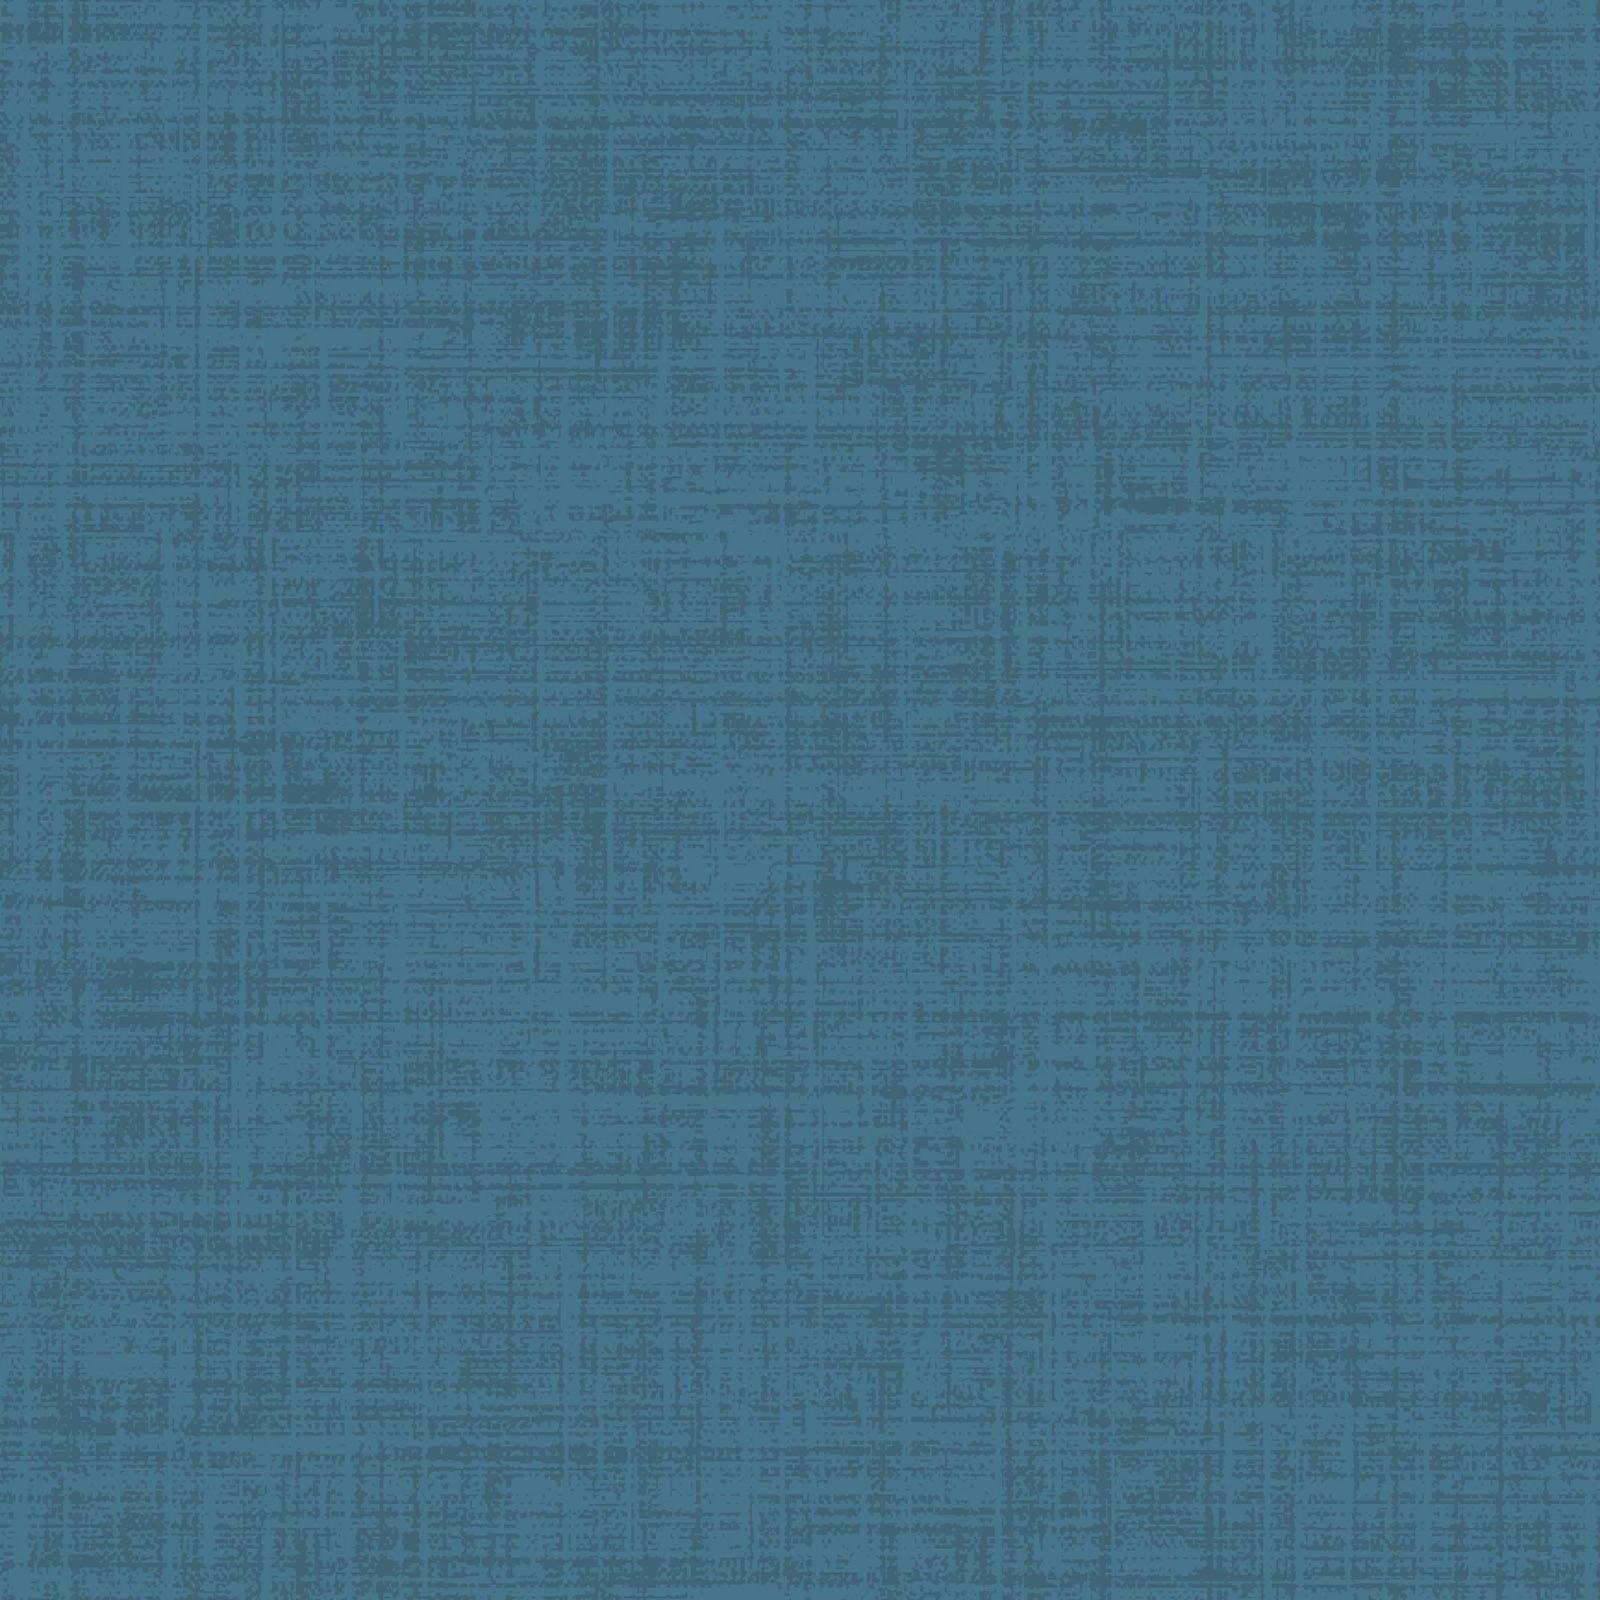 Flower & Vine - Texture - Blue